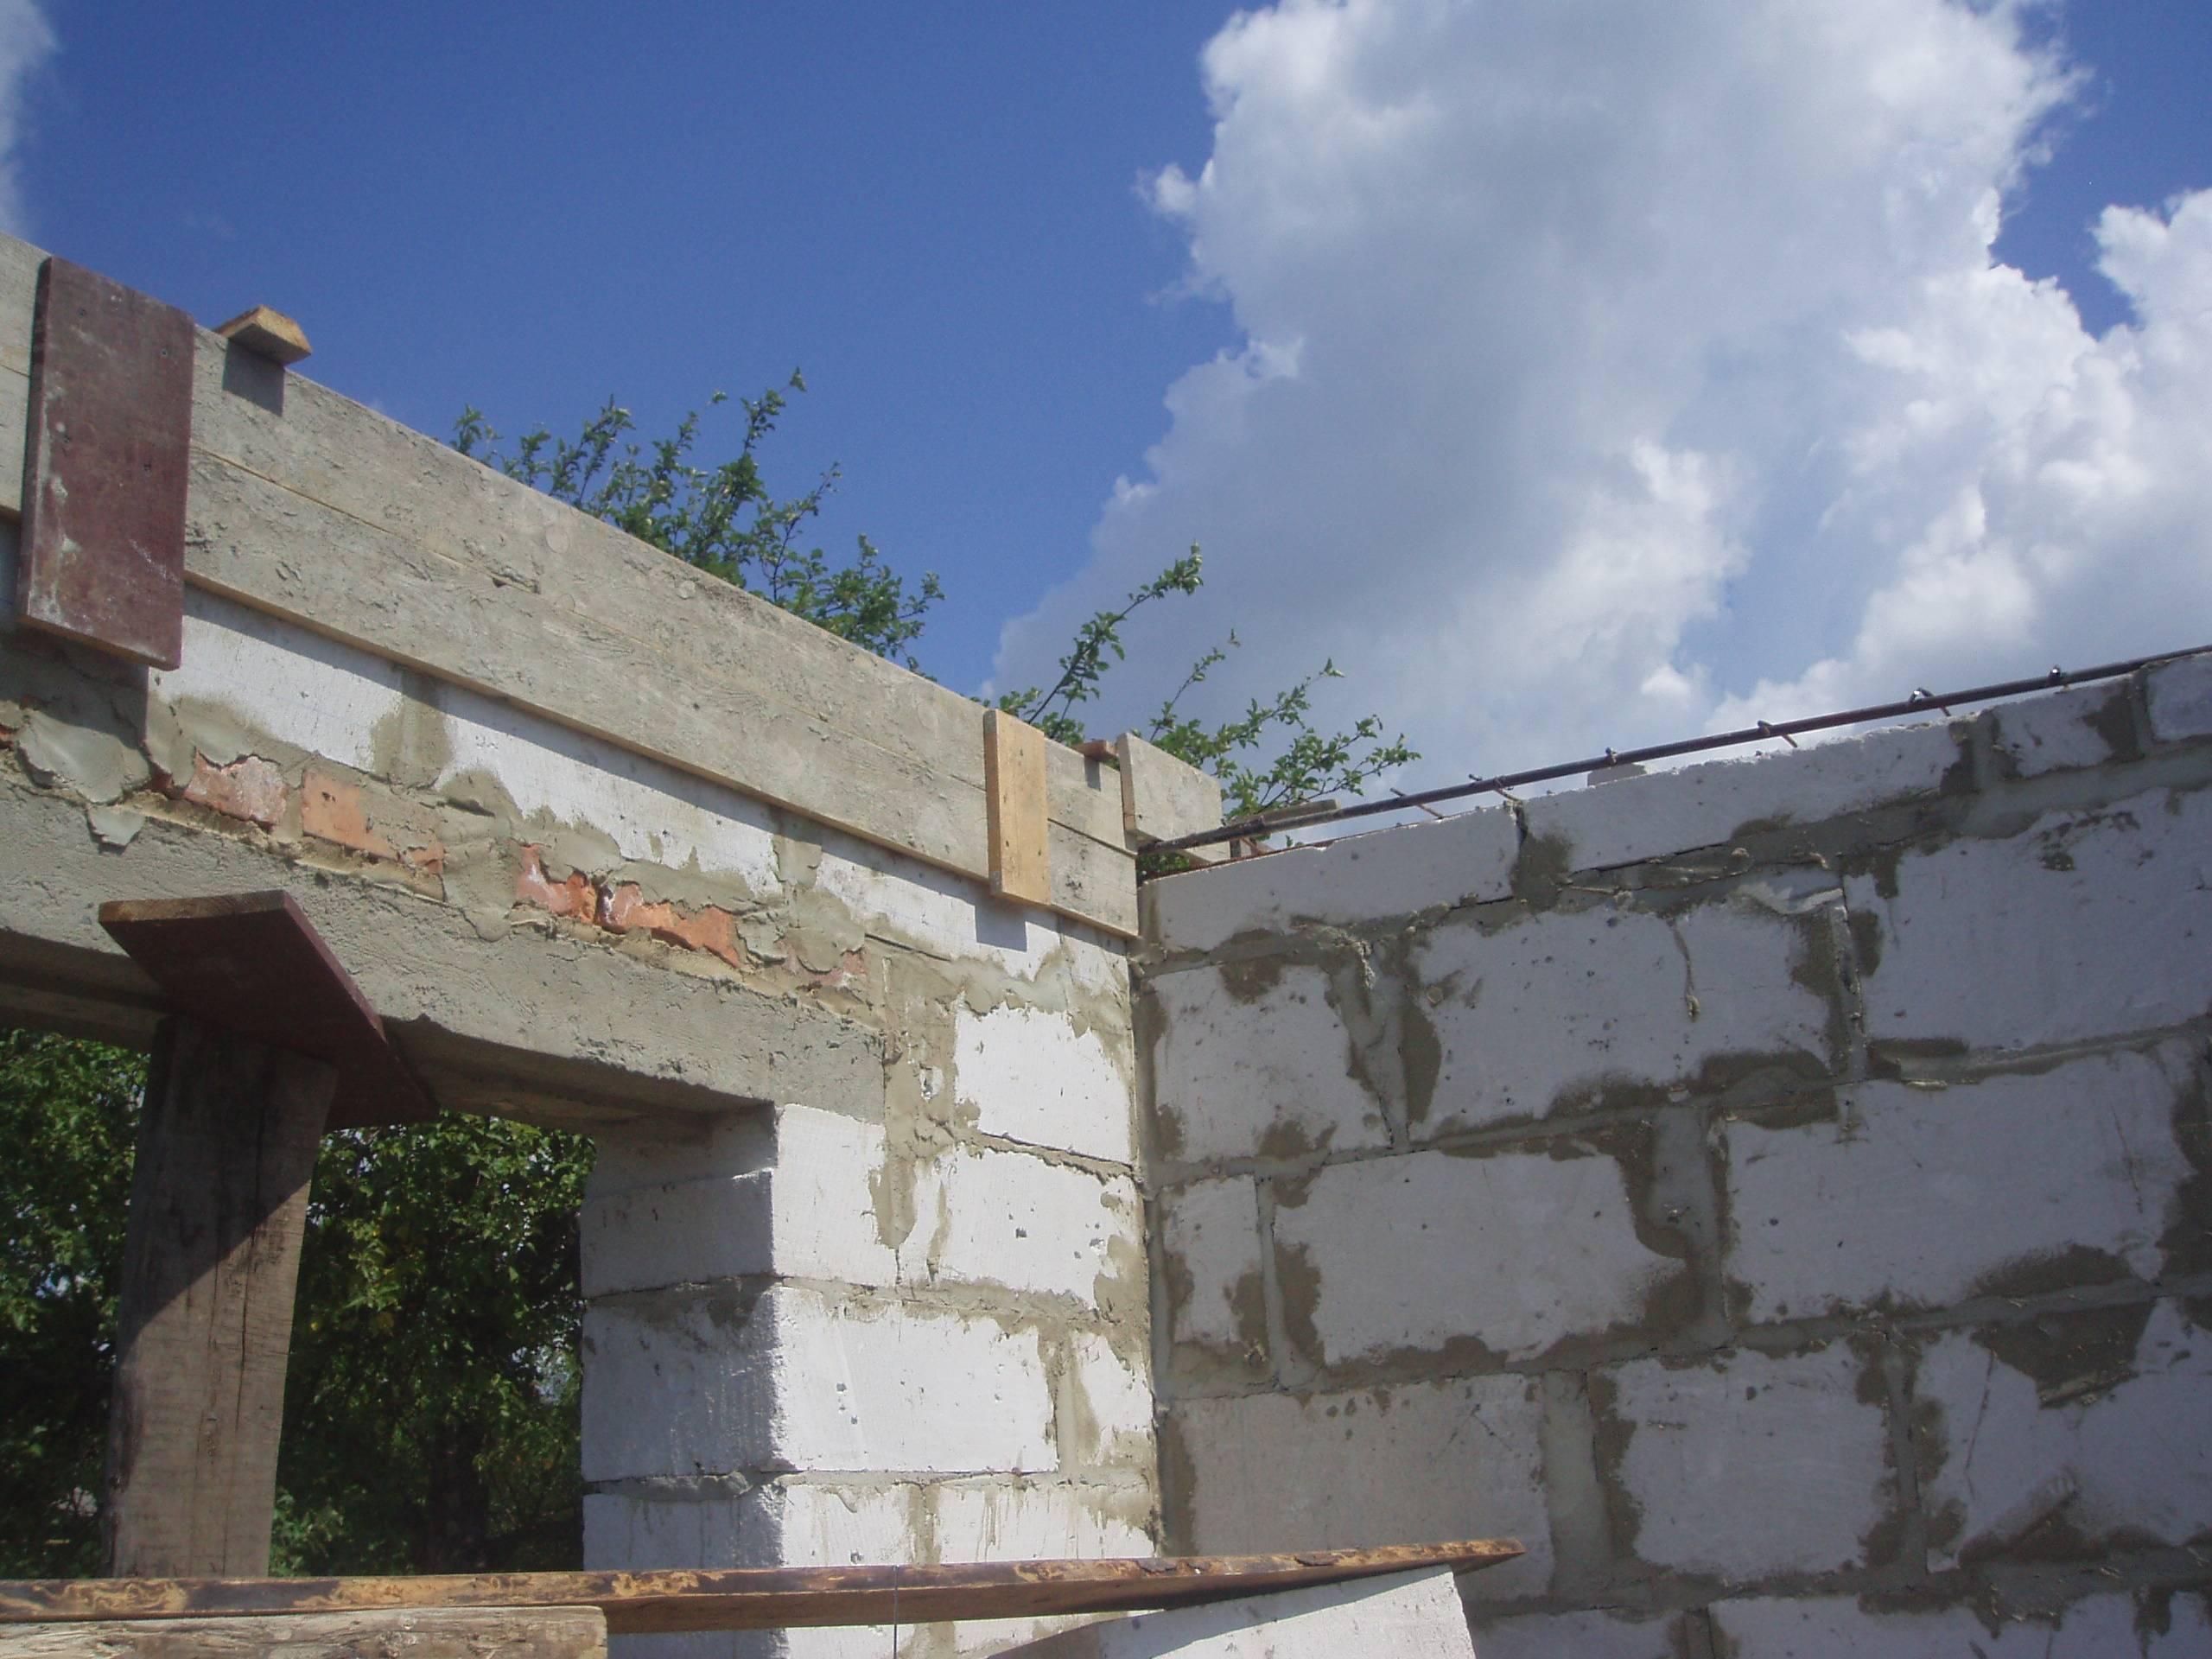 Заливка армированного пояса выполняется в фундаменте, под плиты перекрытия и под мауэрлаты (опорные балки стропил)